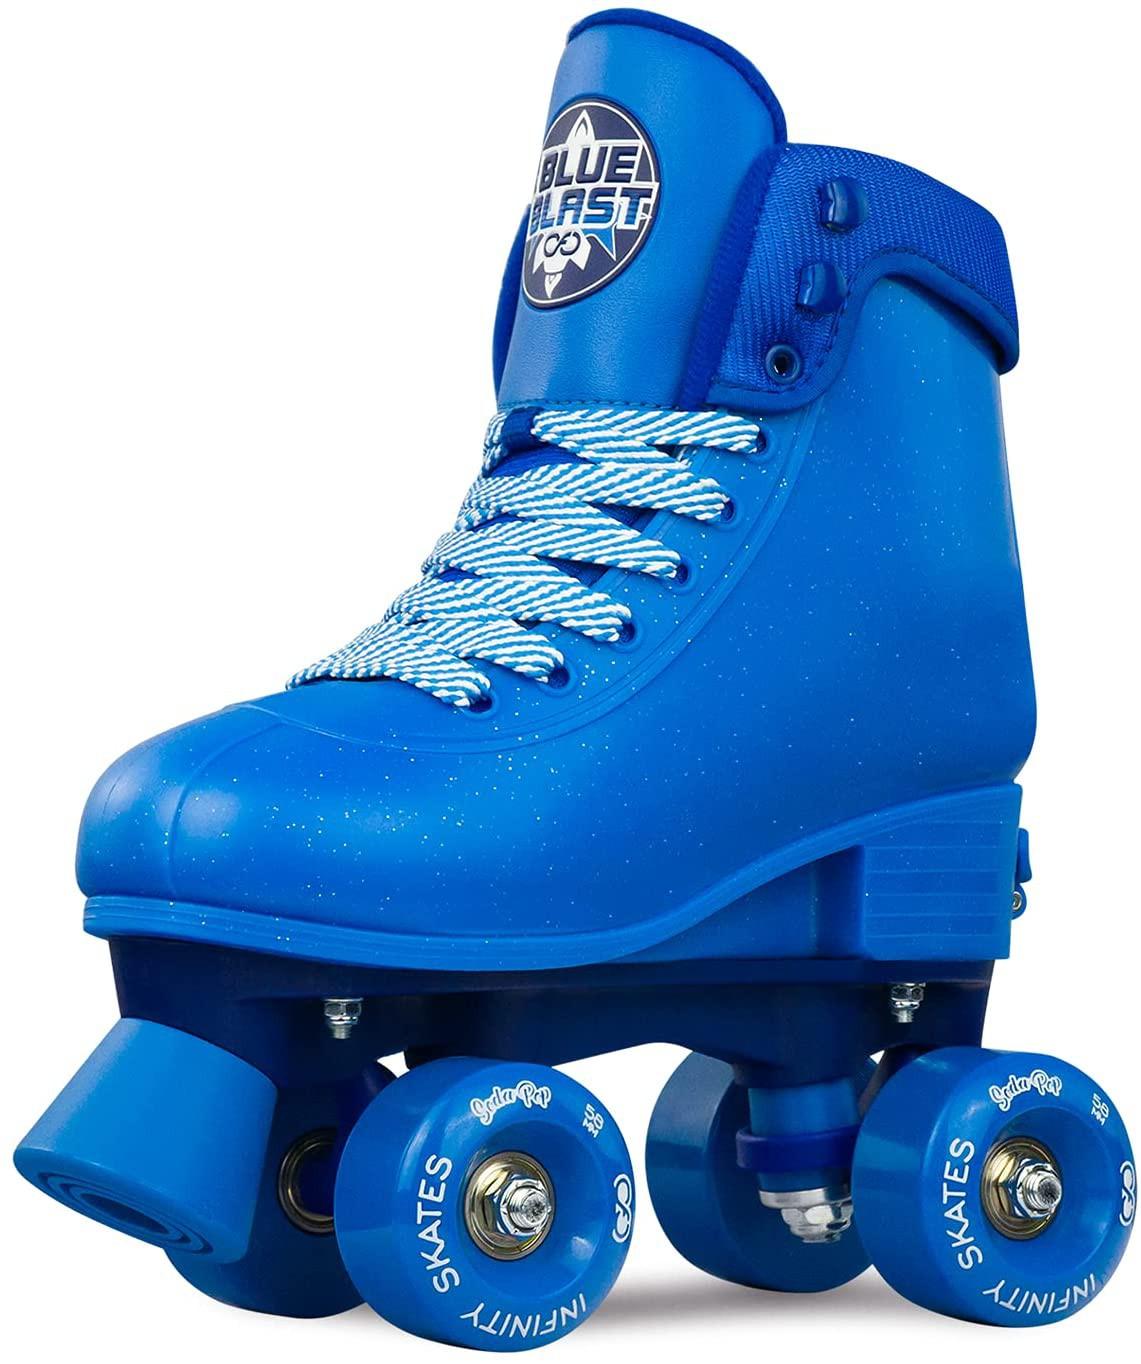 Crazy Skates Soda Pop Adjustable Roller Skates for Girls and Boys